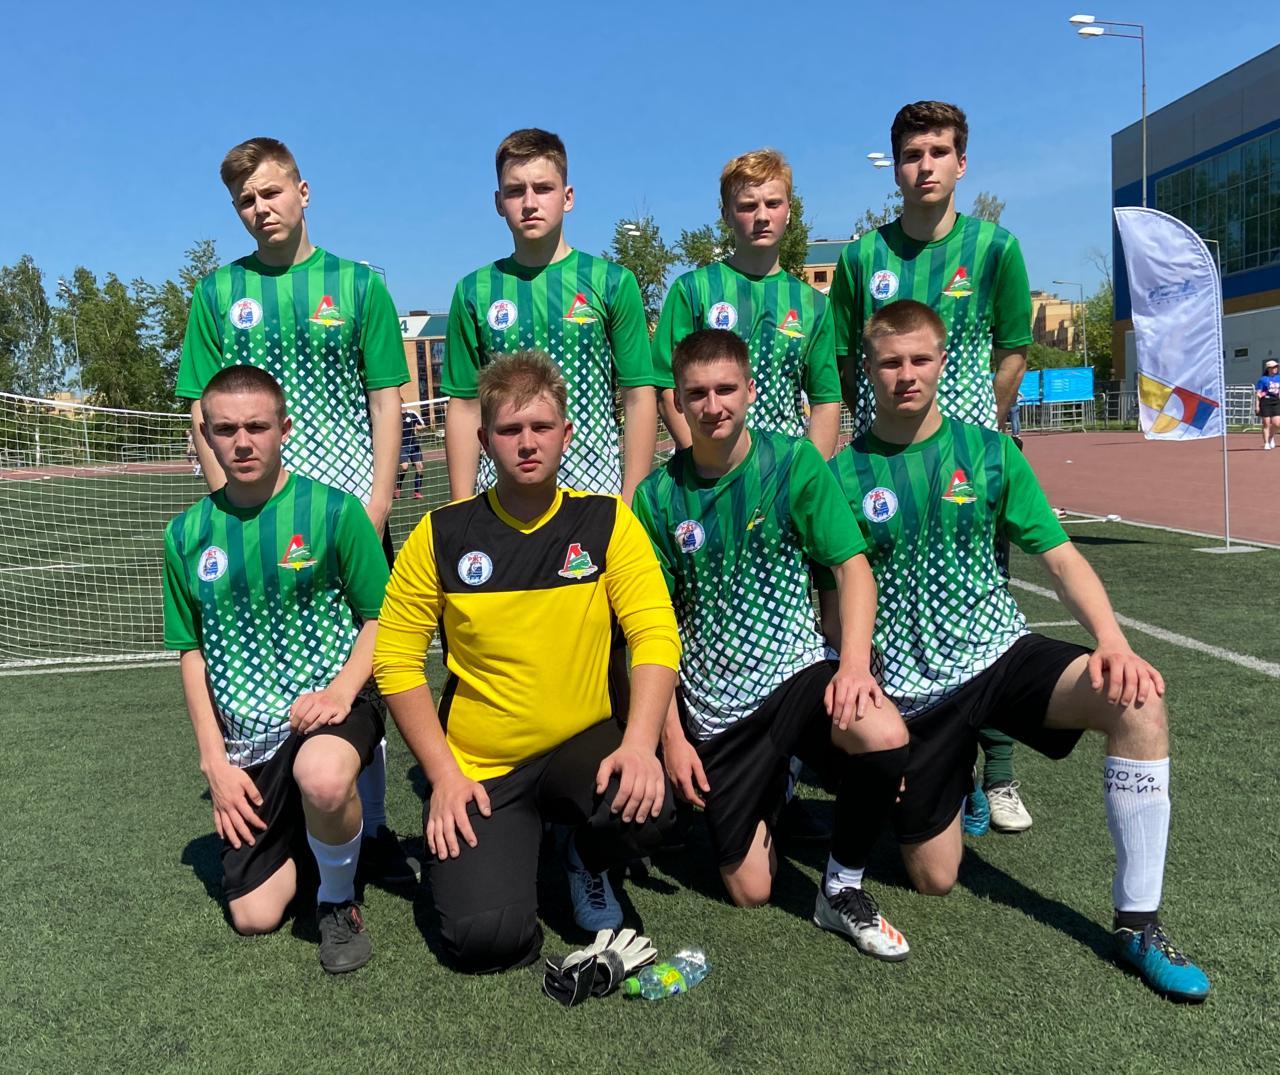 Всероссийский фестиваль студенческого спорта «АССК.Фест»